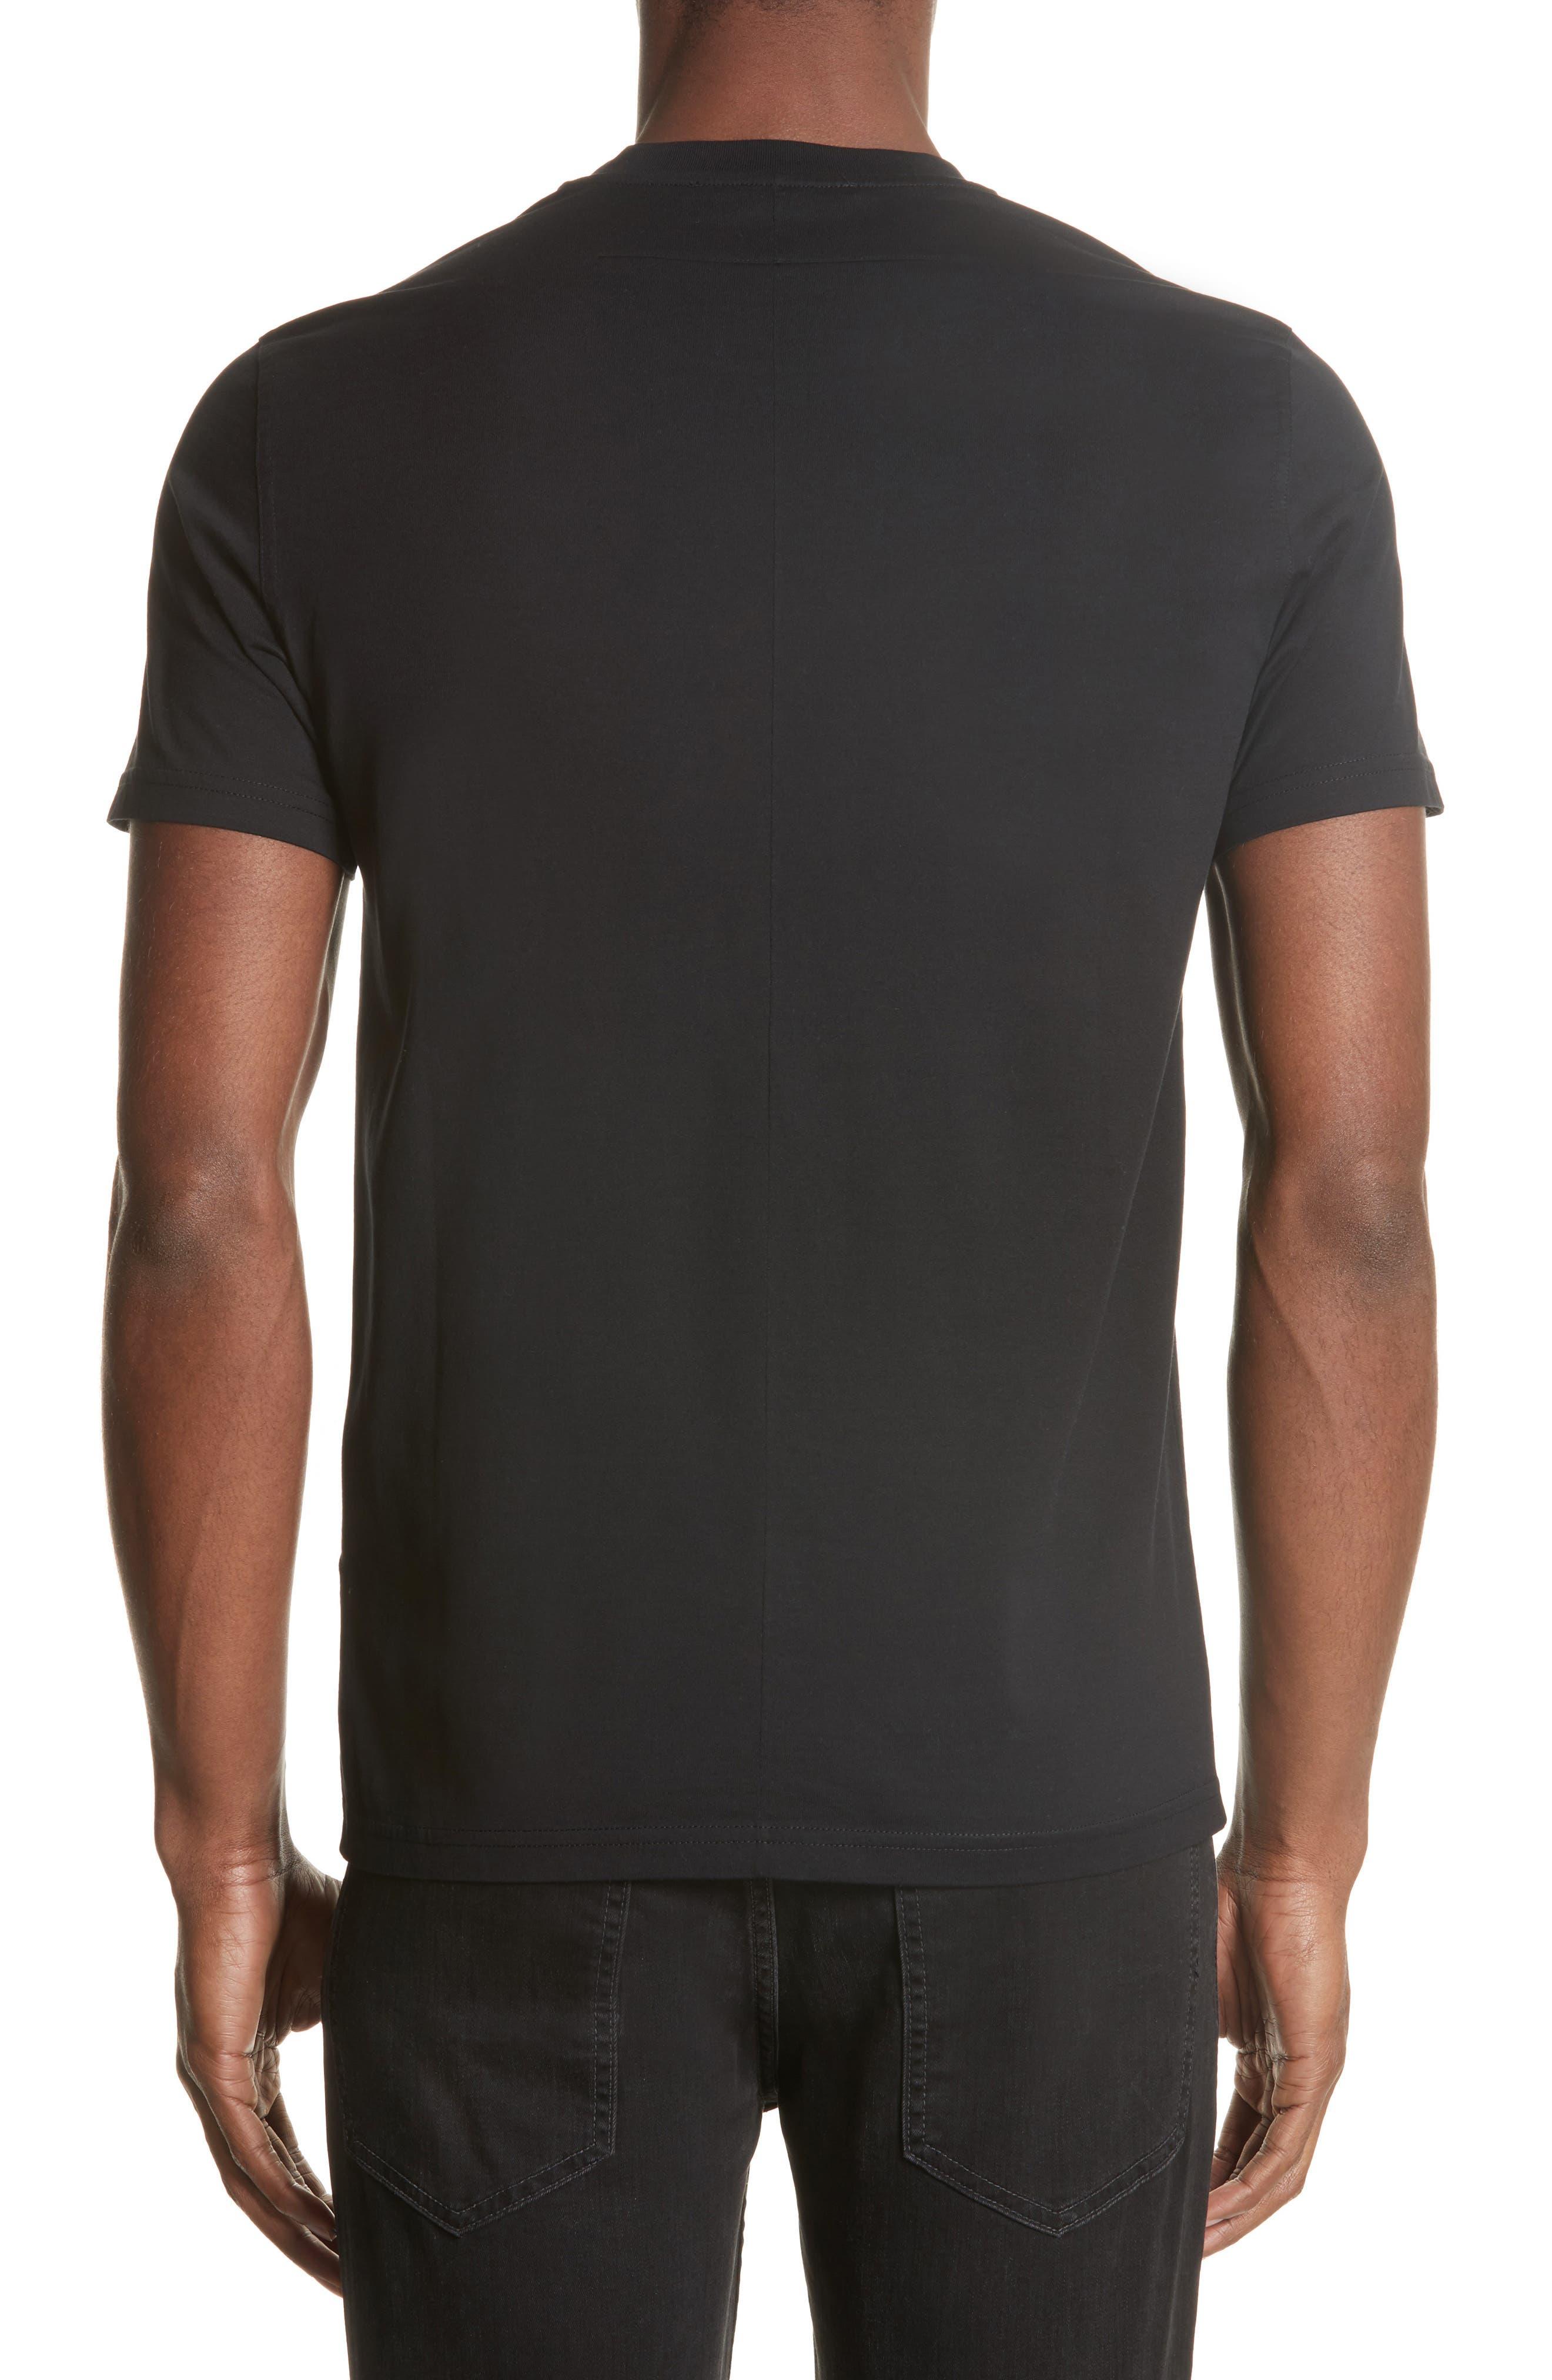 LA House Graphic T-Shirt,                             Alternate thumbnail 2, color,                             001